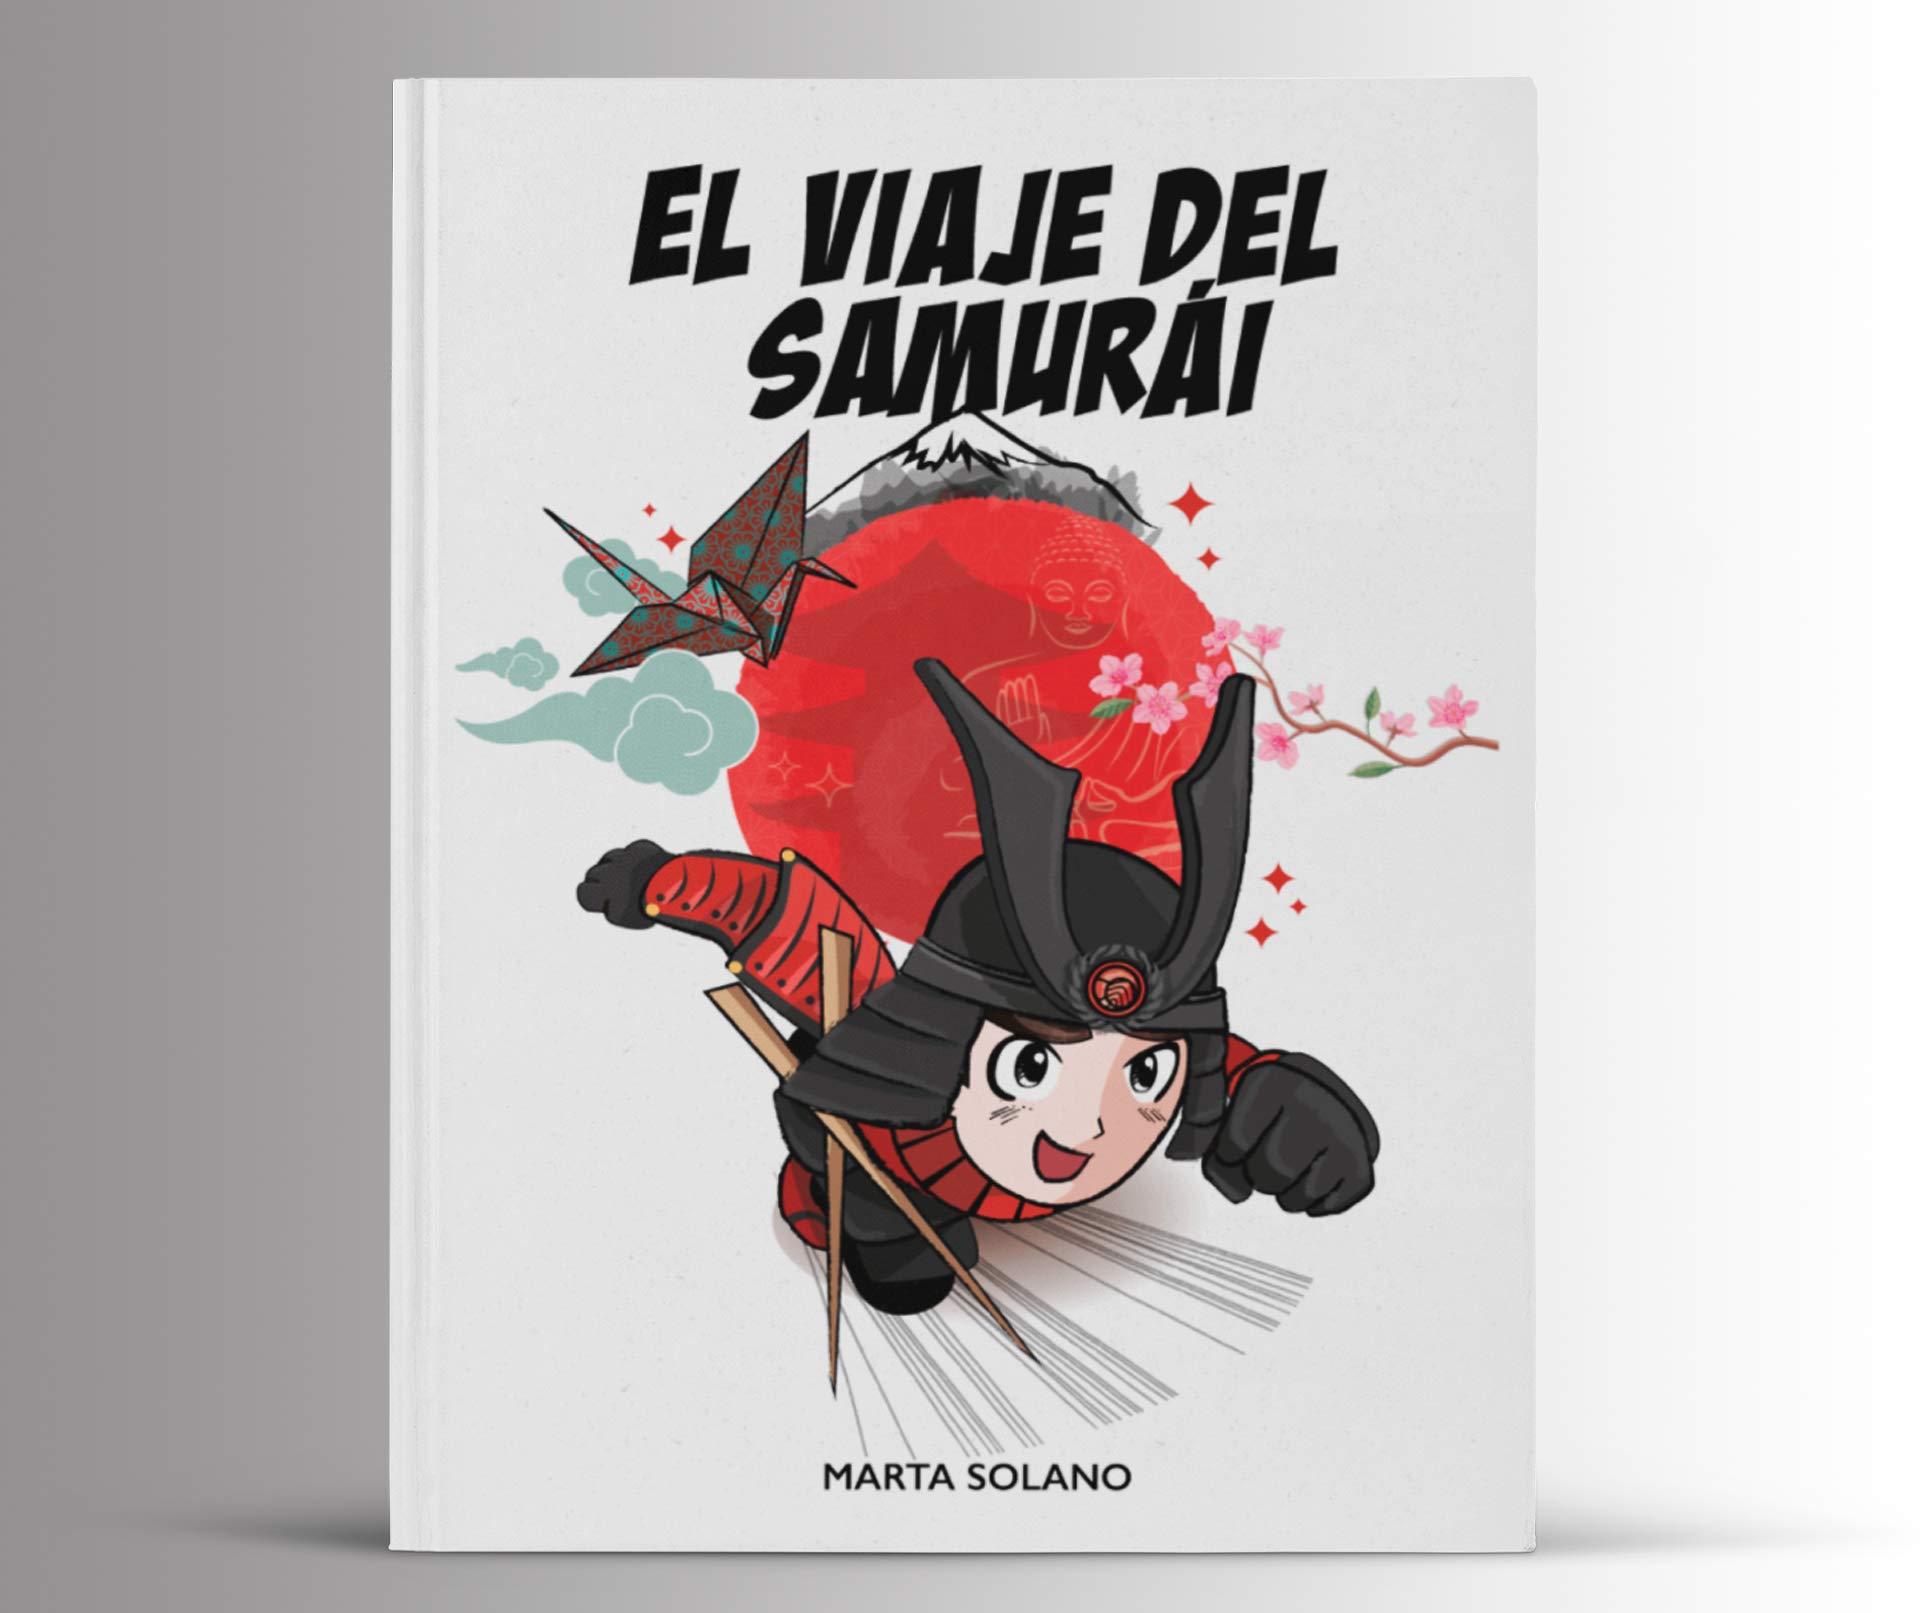 El viaje del samurái, de Marta Solano - Libros de Japón